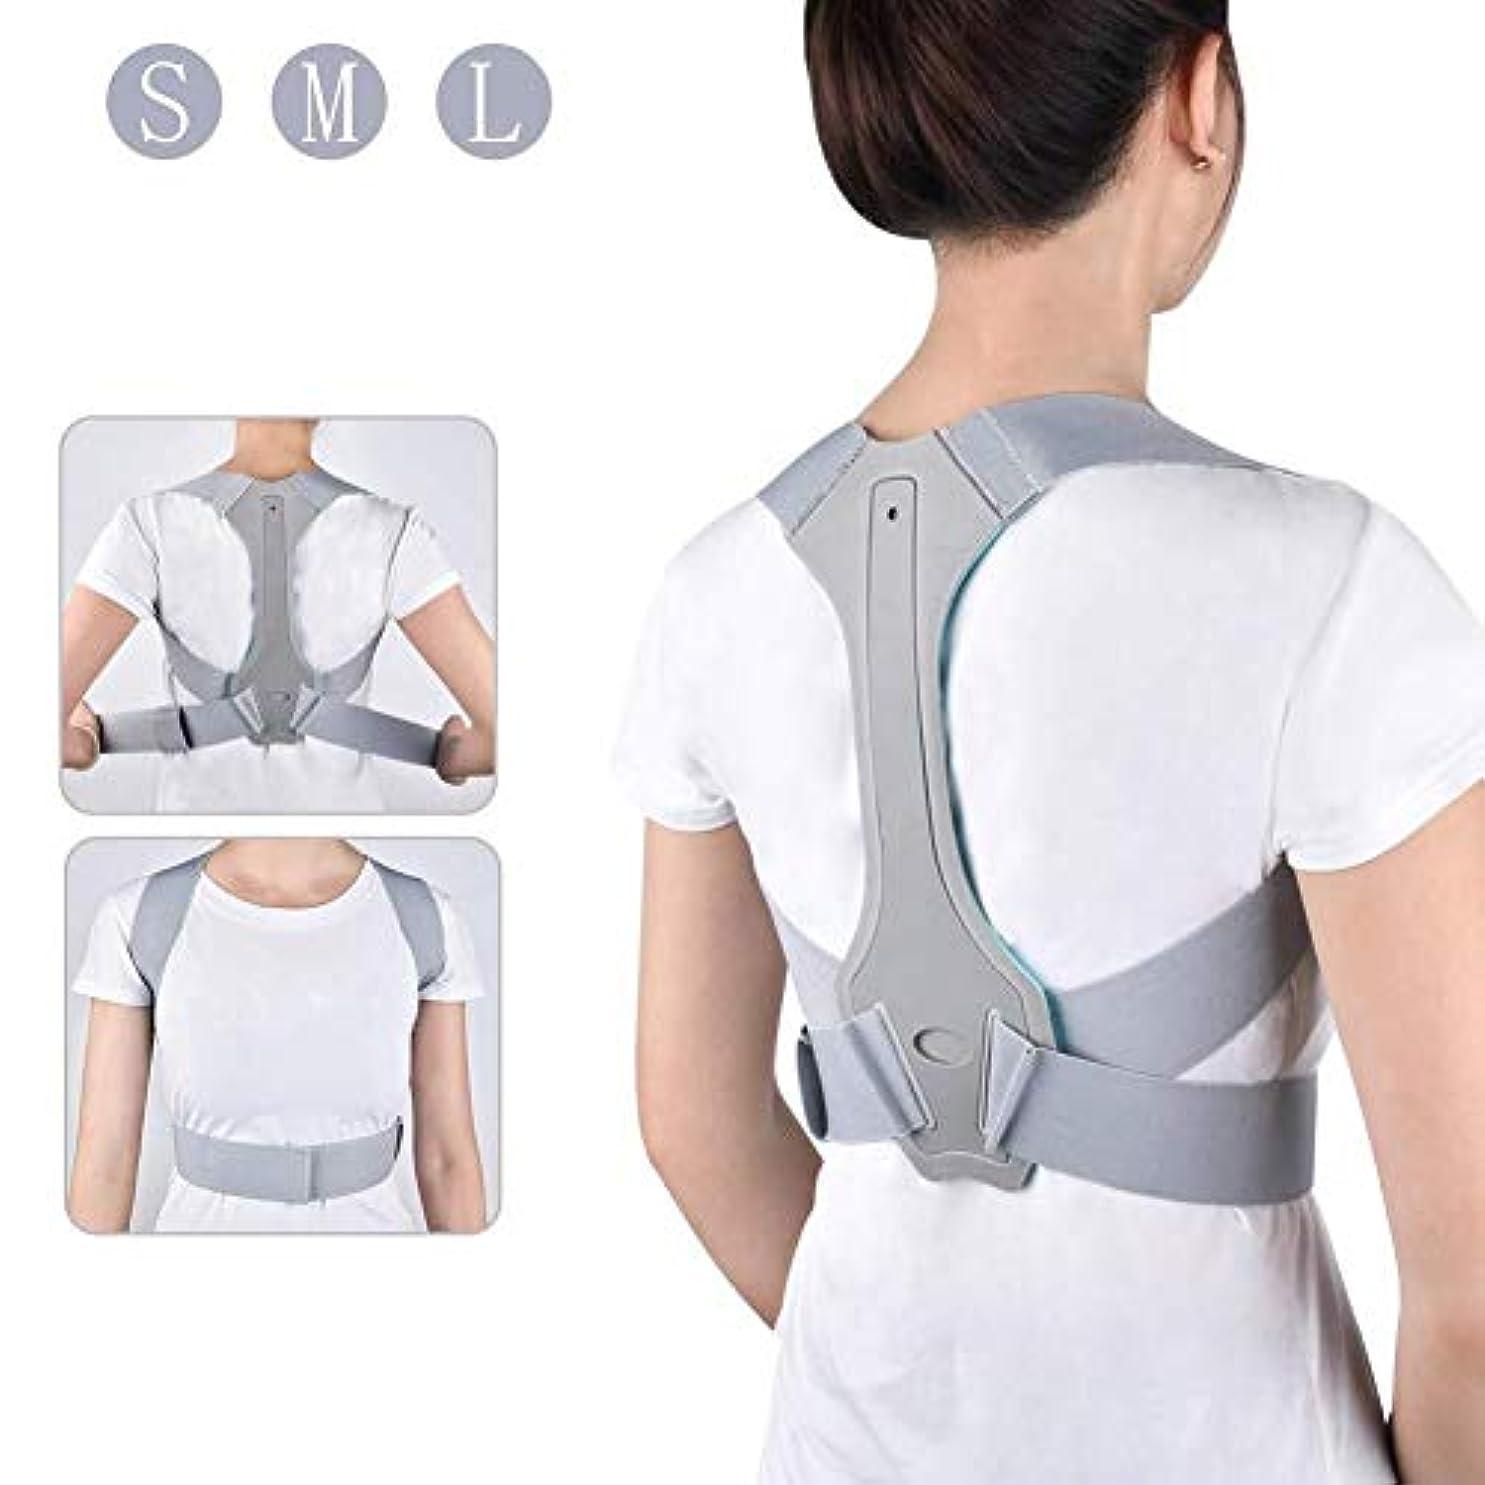 カウンターパートポップ反対する男性と女性のための姿勢補正器、胸部後phおよび肩首の痛みの軽減のための調節可能な上背部肩姿勢トレーナー脊椎矯正 (Size : Large)